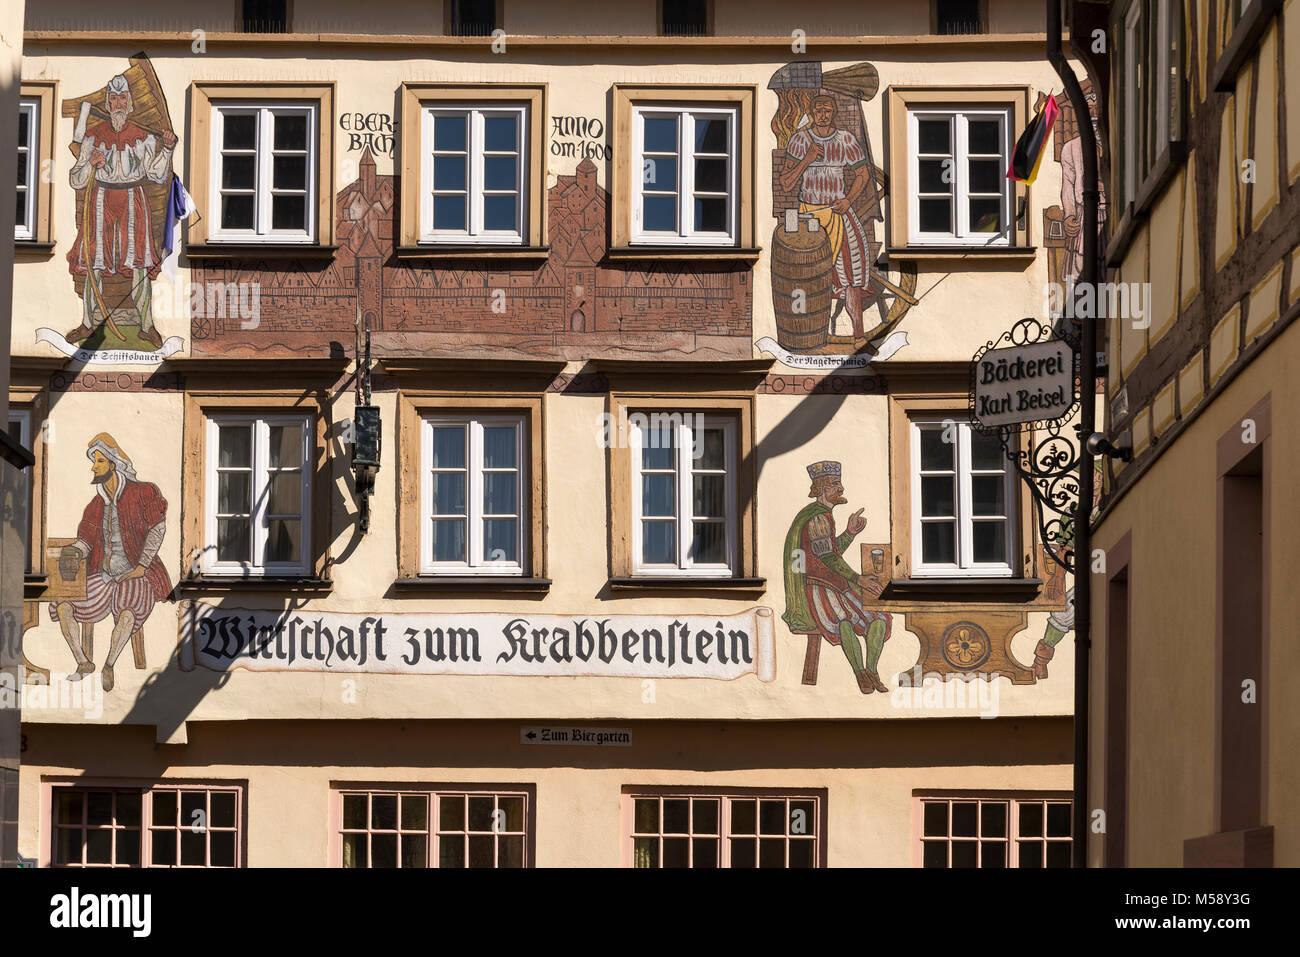 Eberbach, Hotel 'Karpfen' am Alten Markt, Odenwald, Baden-Württemberg, Deutschland - Stock Image